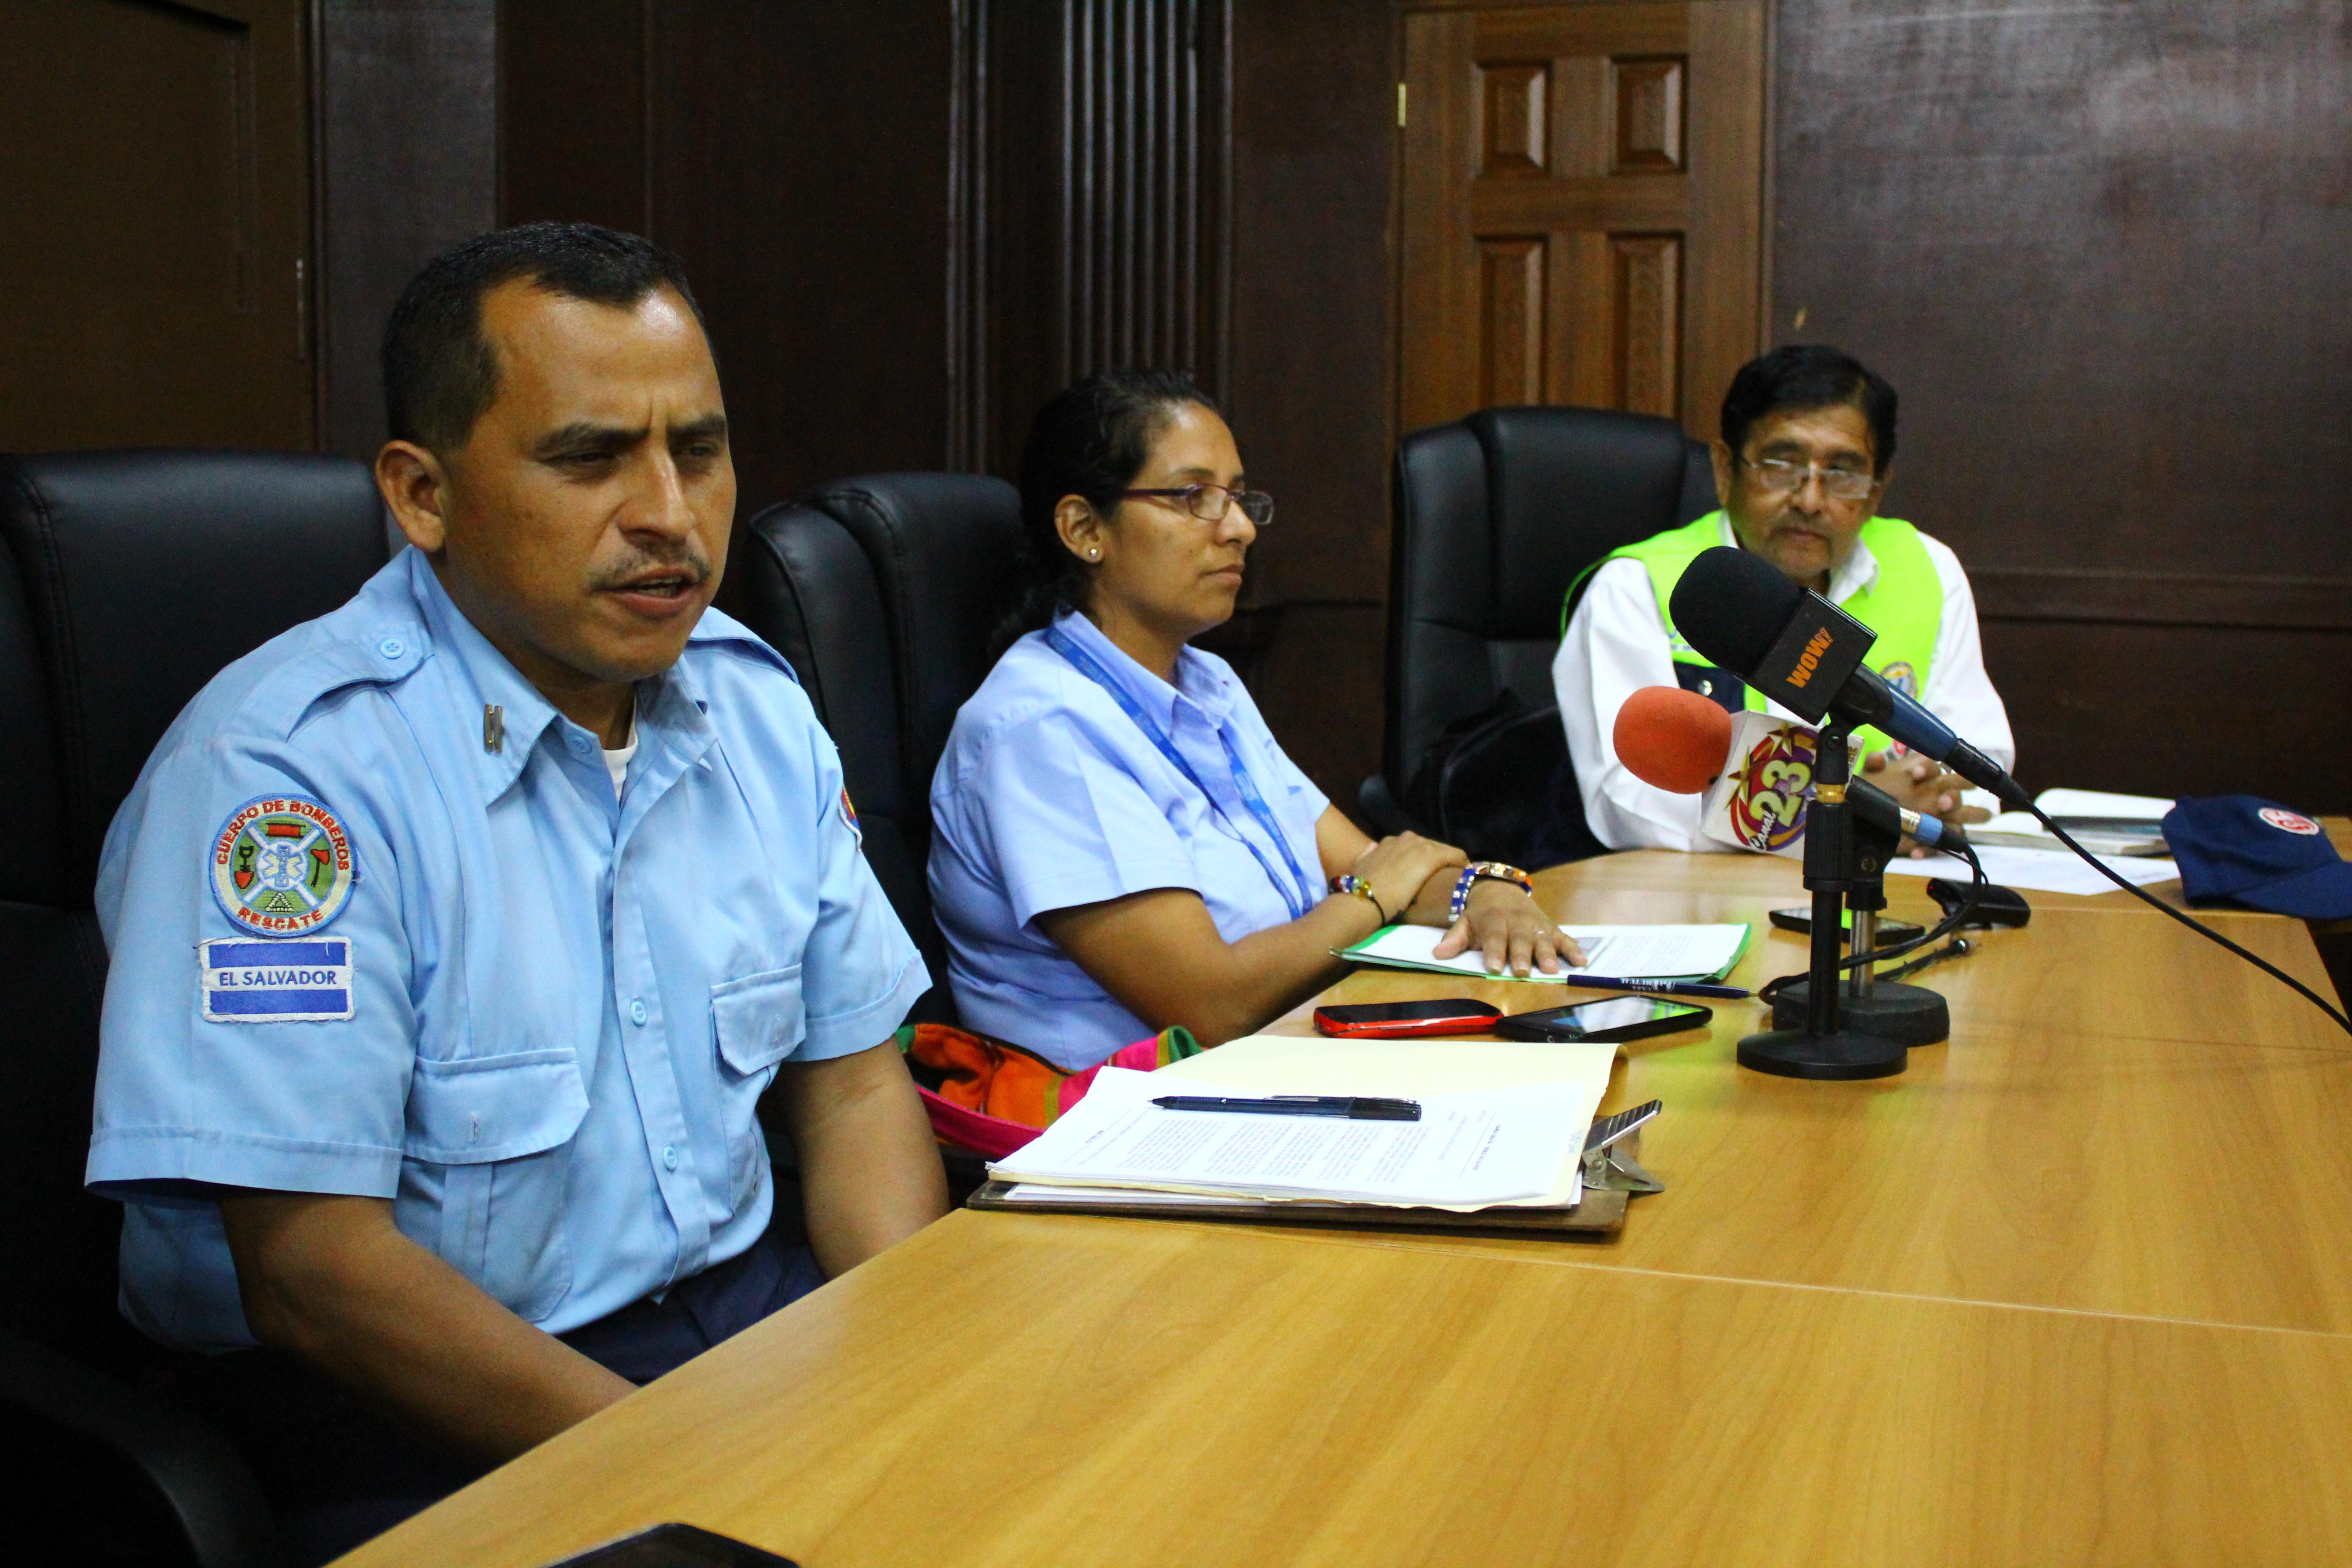 Comisión Municipal de Protección Civil dio a conocer detalles del plan belén 2016 en Santa Ana